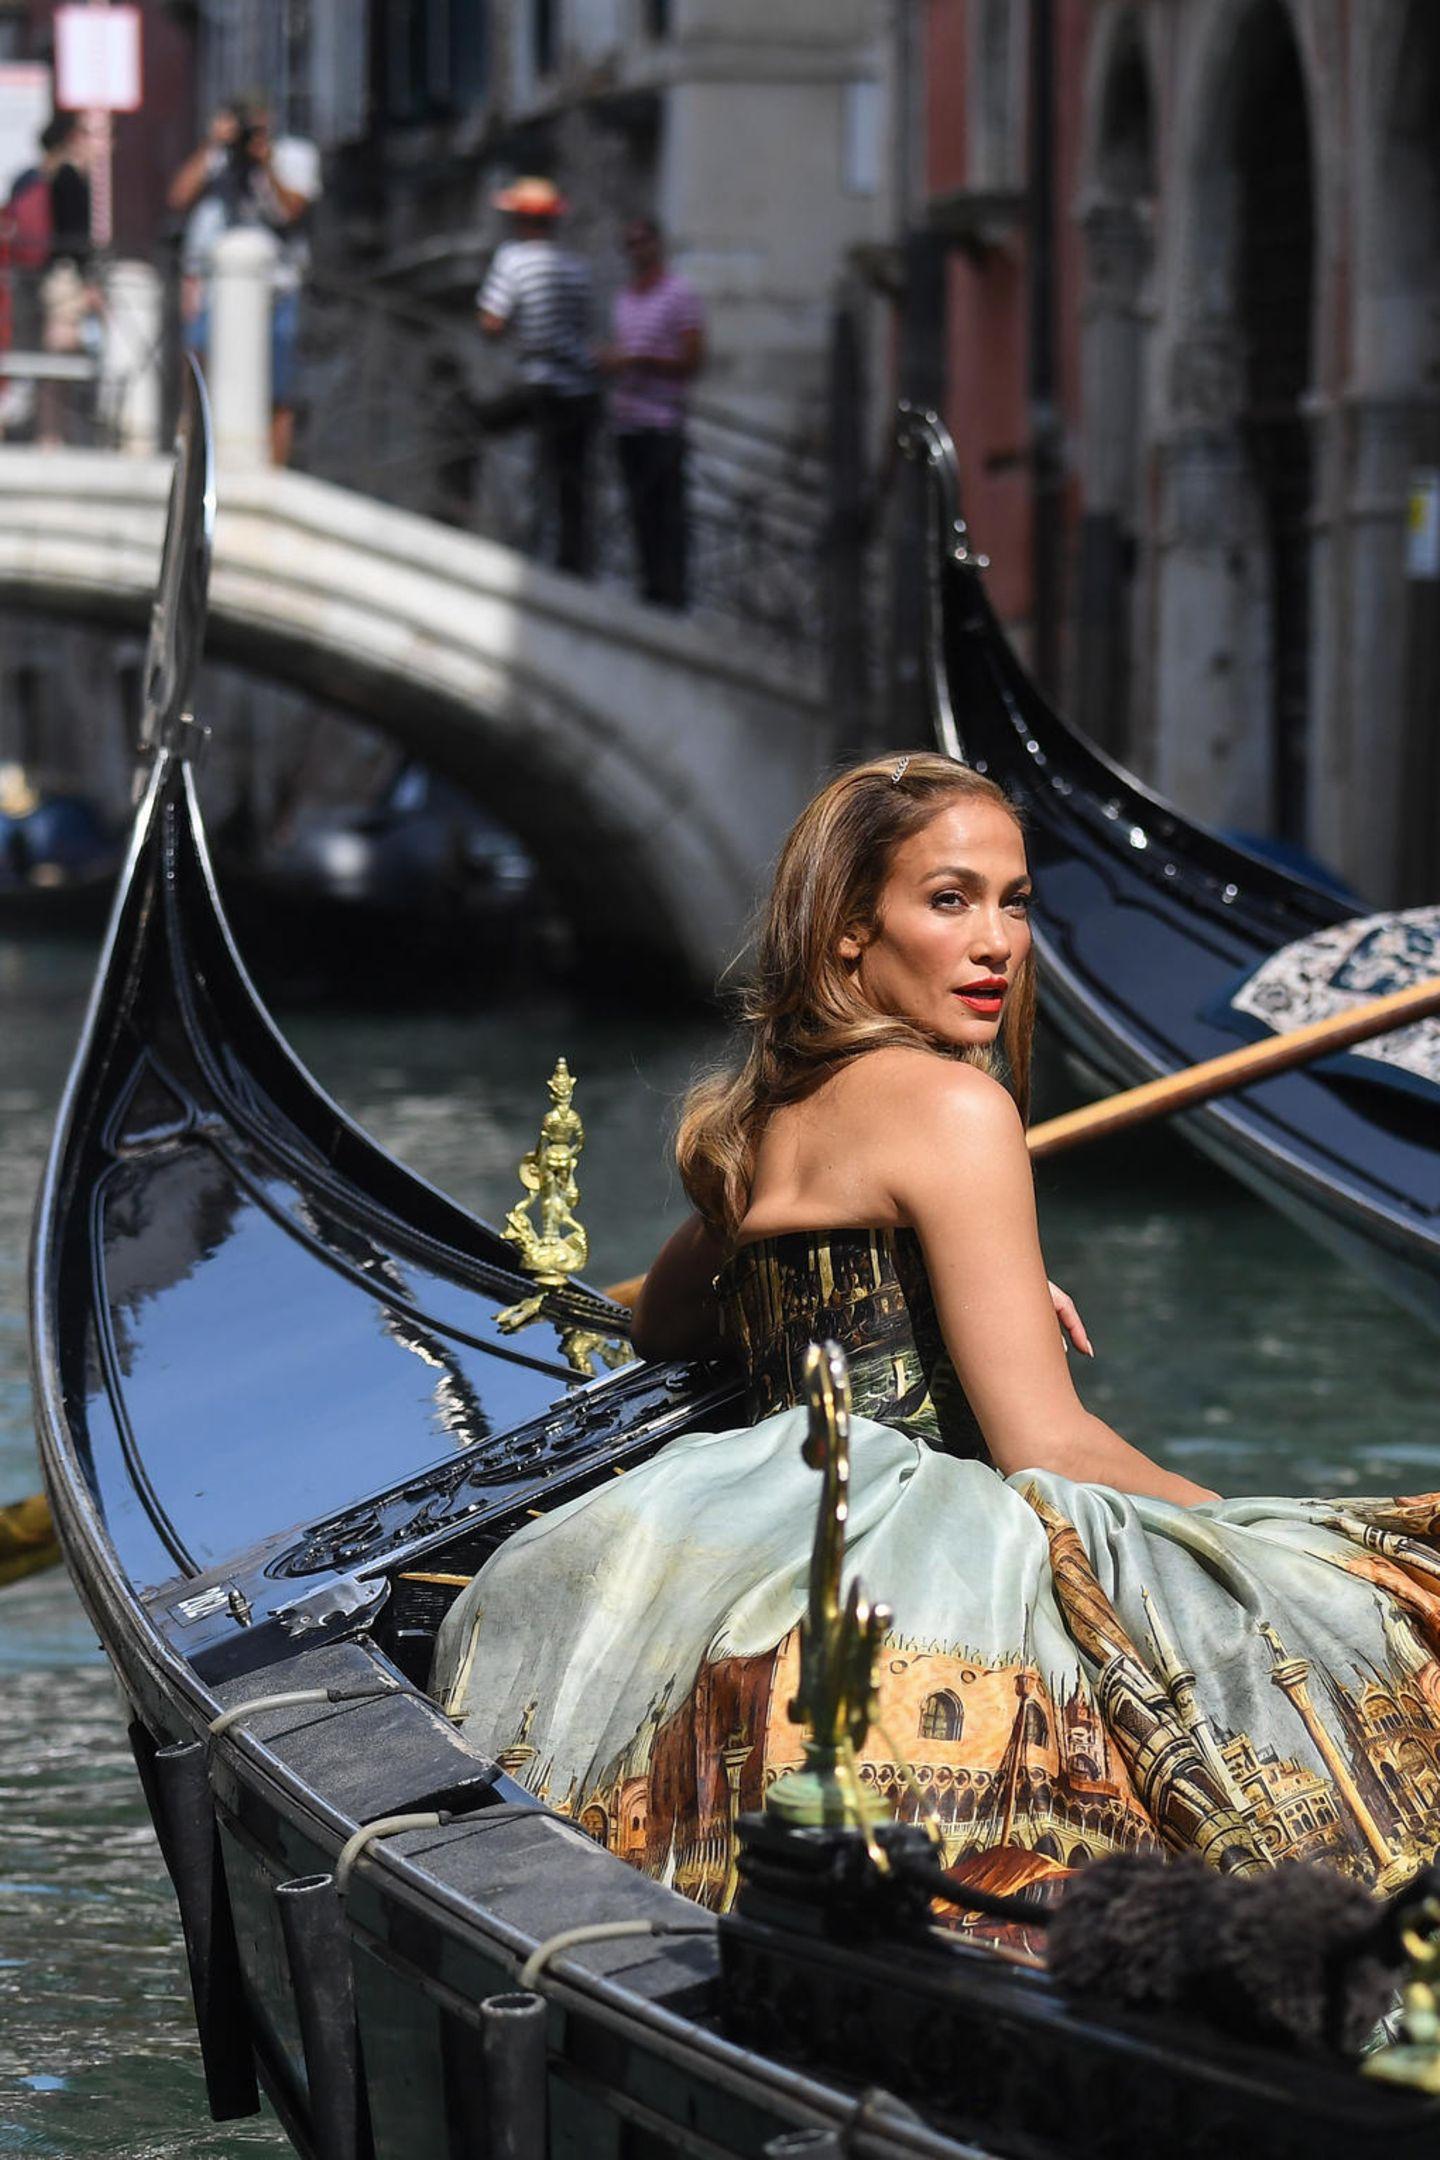 """Wenn wir dieses Bild von Jennifer Lopez in Venedig sehen, dann fällt es uns wirklich schwer zu glauben, dass sie """"immer noch Jenny aus dem Block"""" ist. Denn es hat schon etwas märchen- fast divenhaftes, wie J.Lo in ihrem Dolce-und-Gabbana-Kleid in der Gondel sitzt und über die Schulter in die Kamera blickt."""